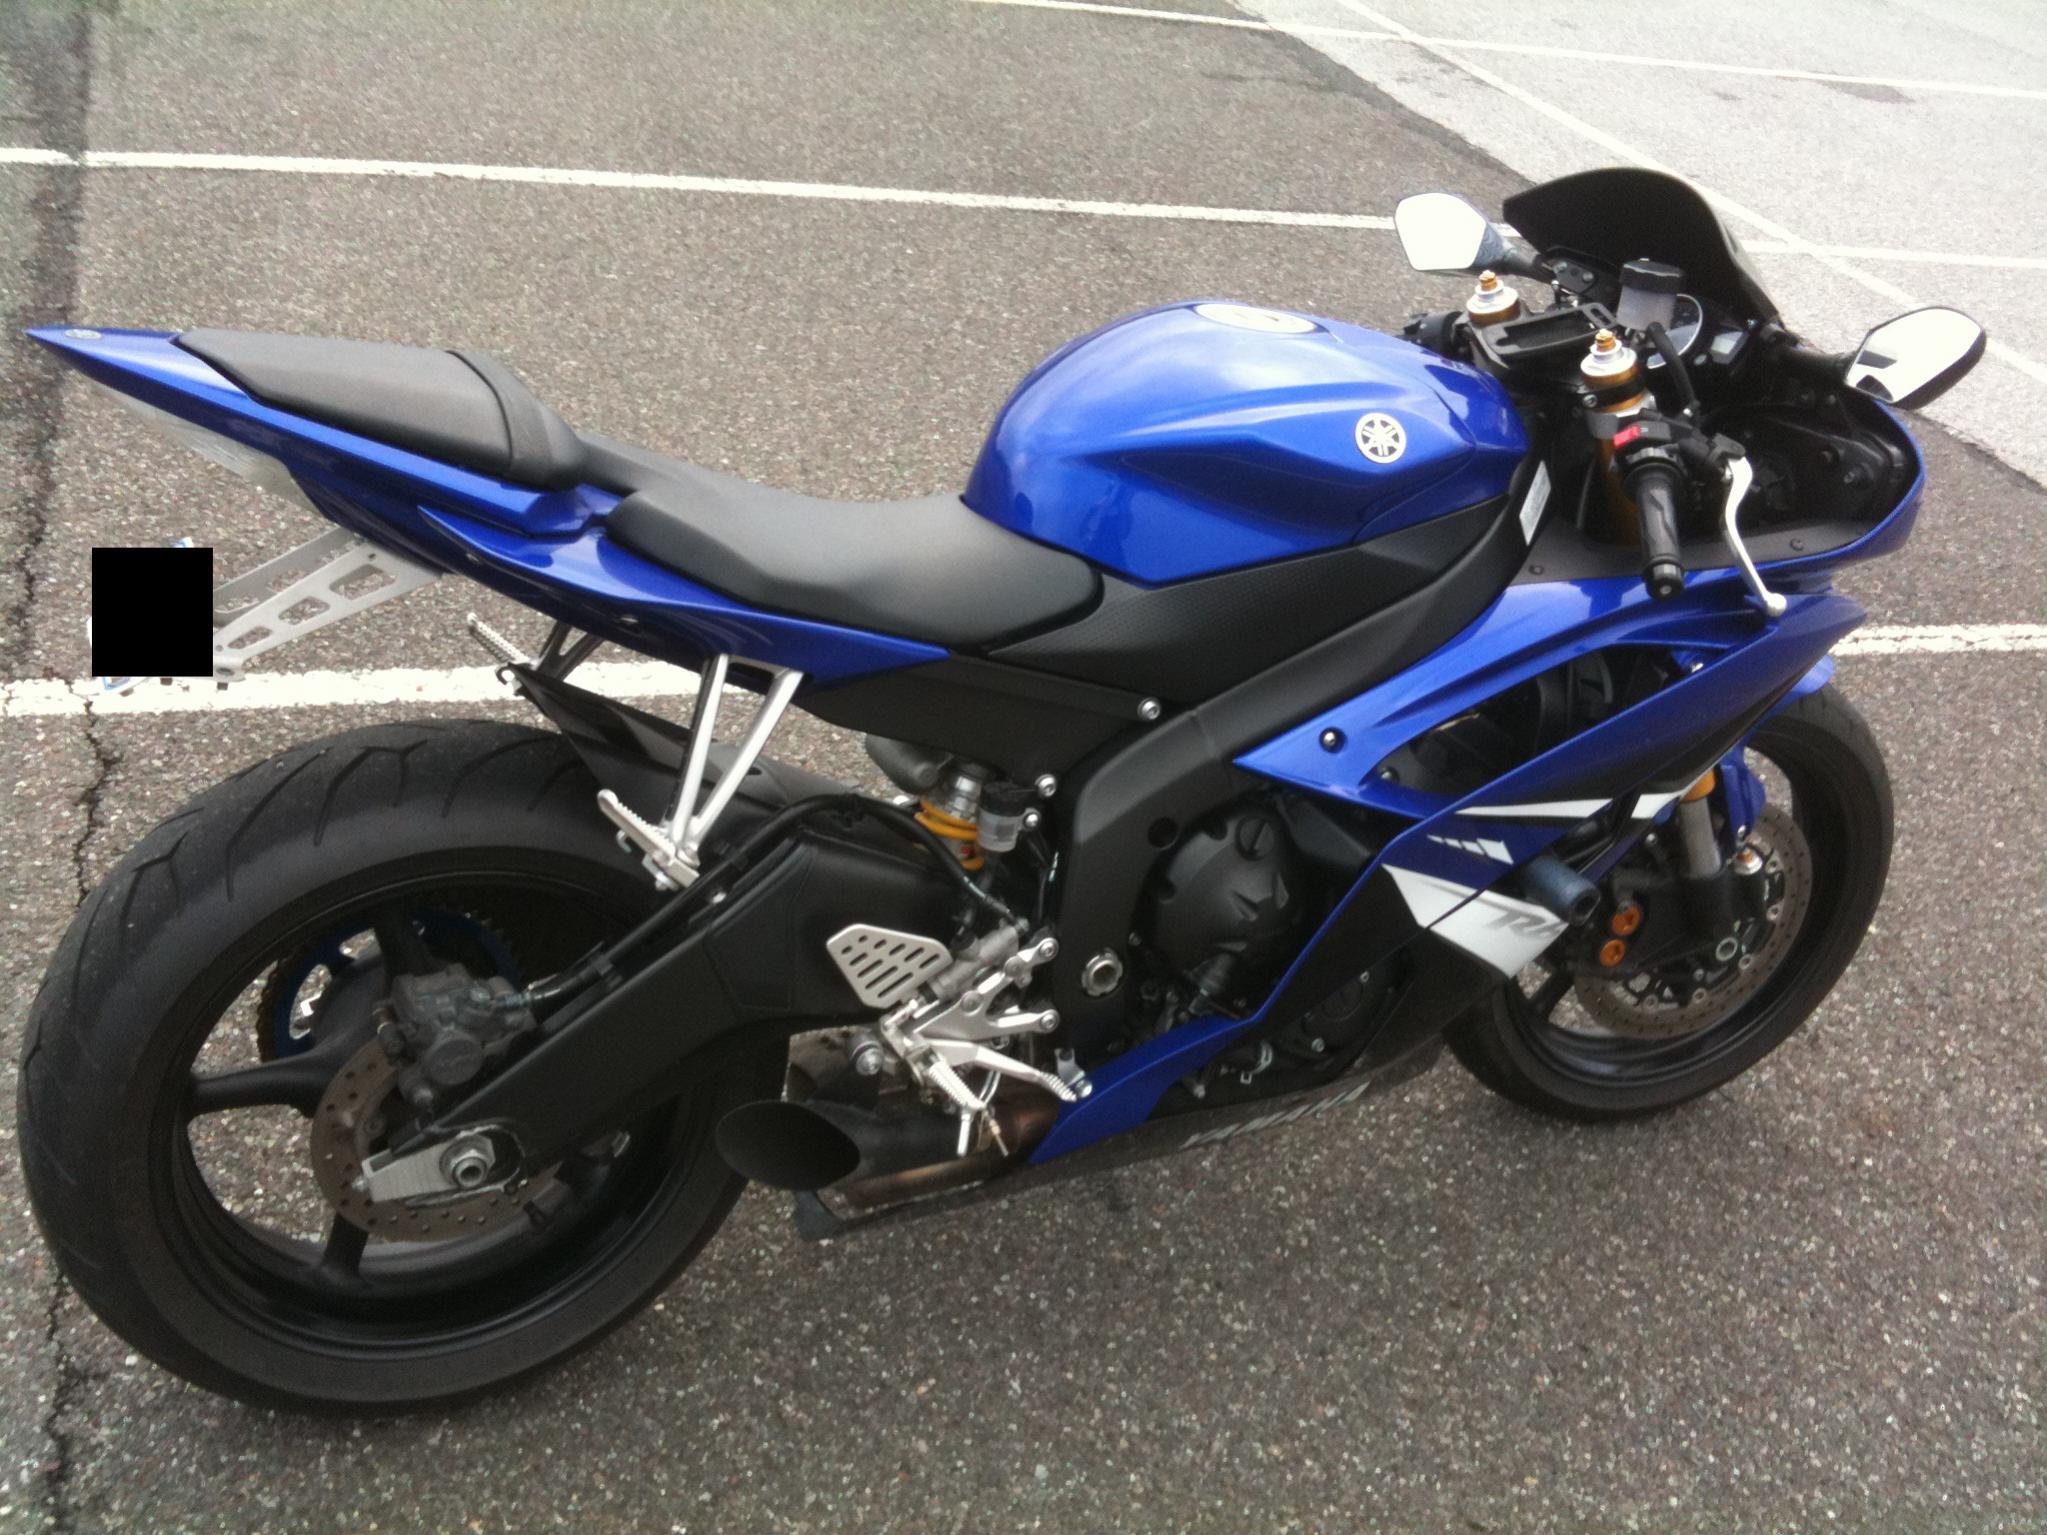 FS 2008 Yamaha YZF R6 Blue 64k Mi Sport Bike Custom Integrated Attachment Fs